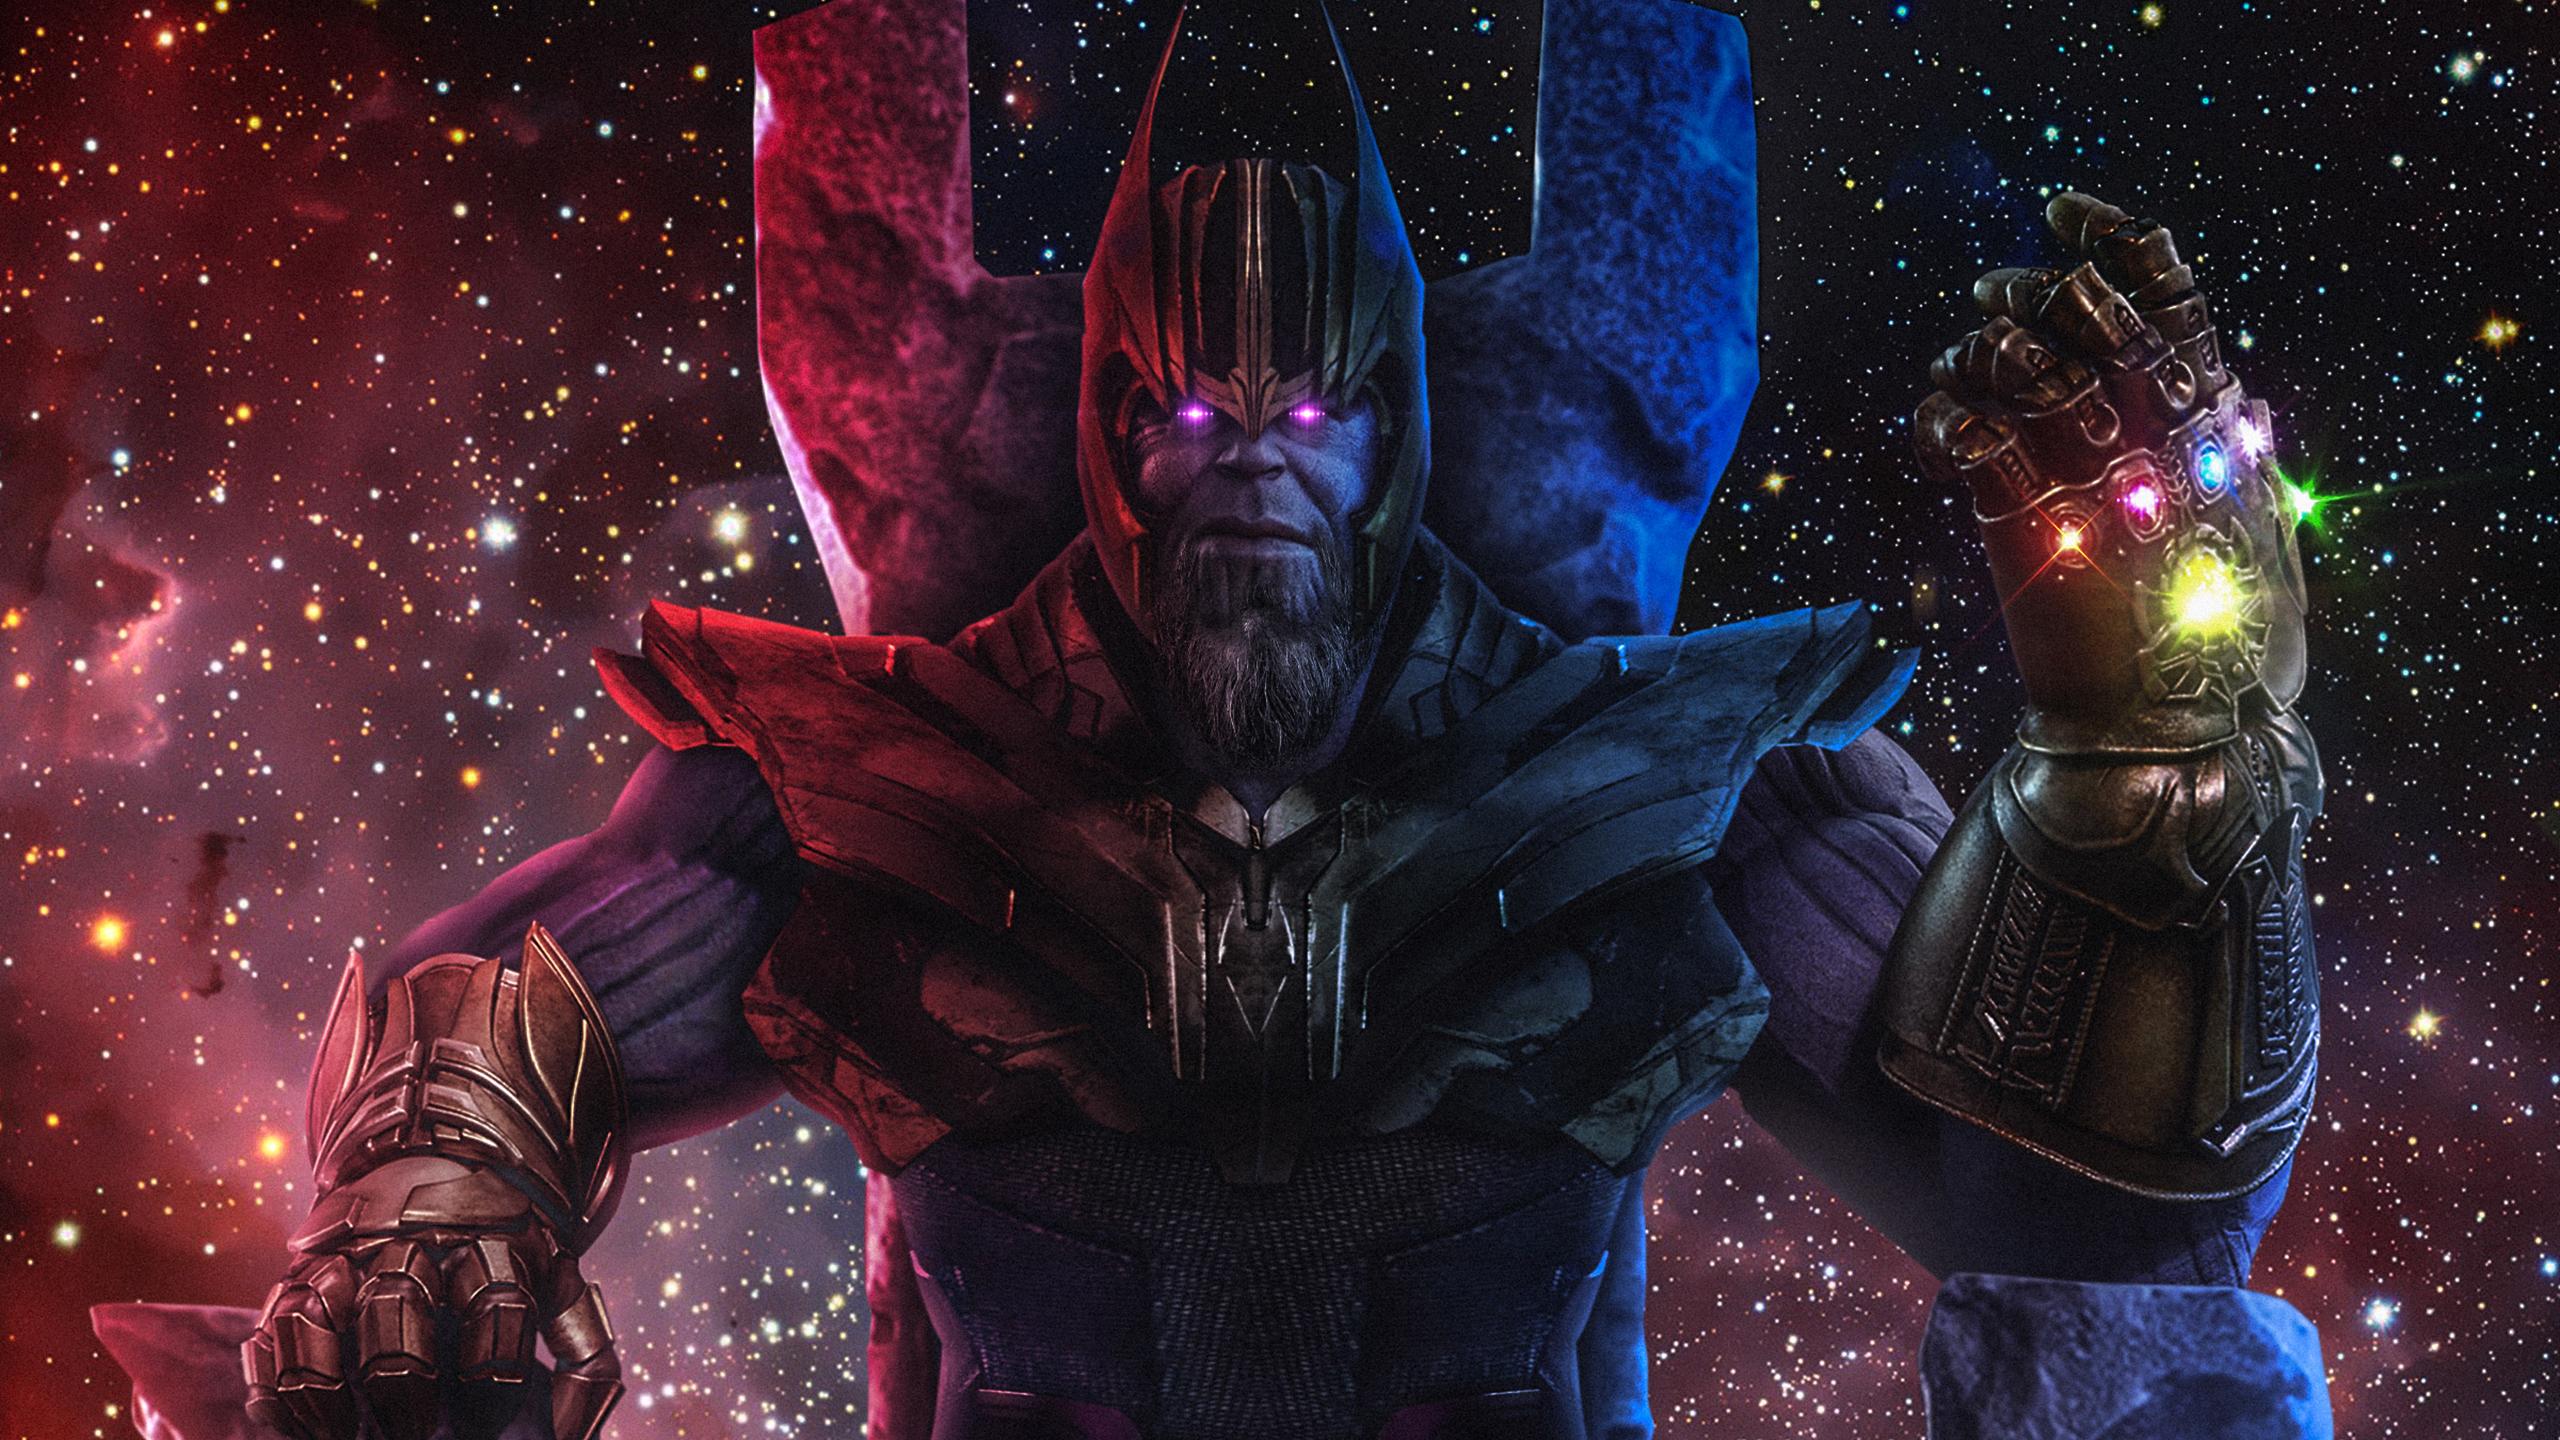 Thanos, il tiranno spaziale, secondo Machiavelli è un pessimo sovrano